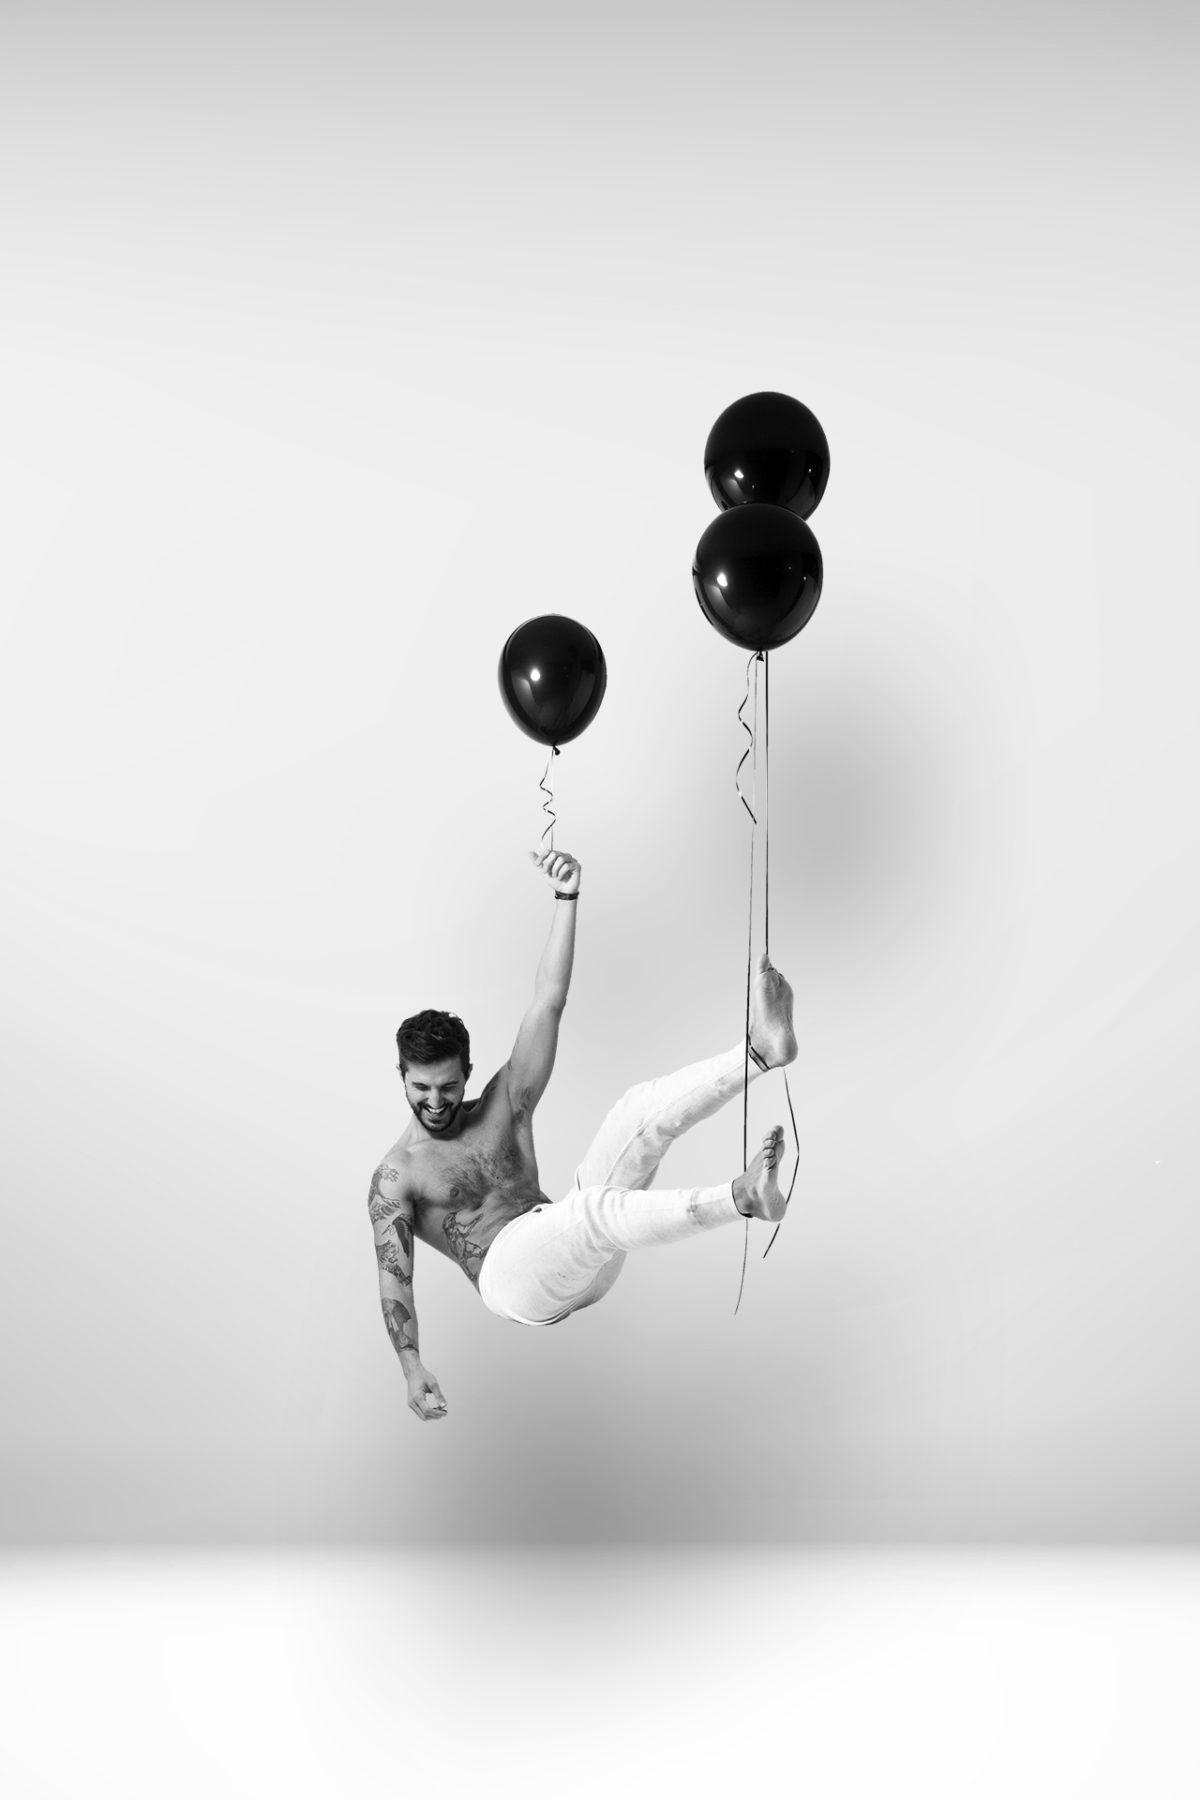 Tommaso & BallooNS, by Alan Pasotti ft Andrea Tommaso